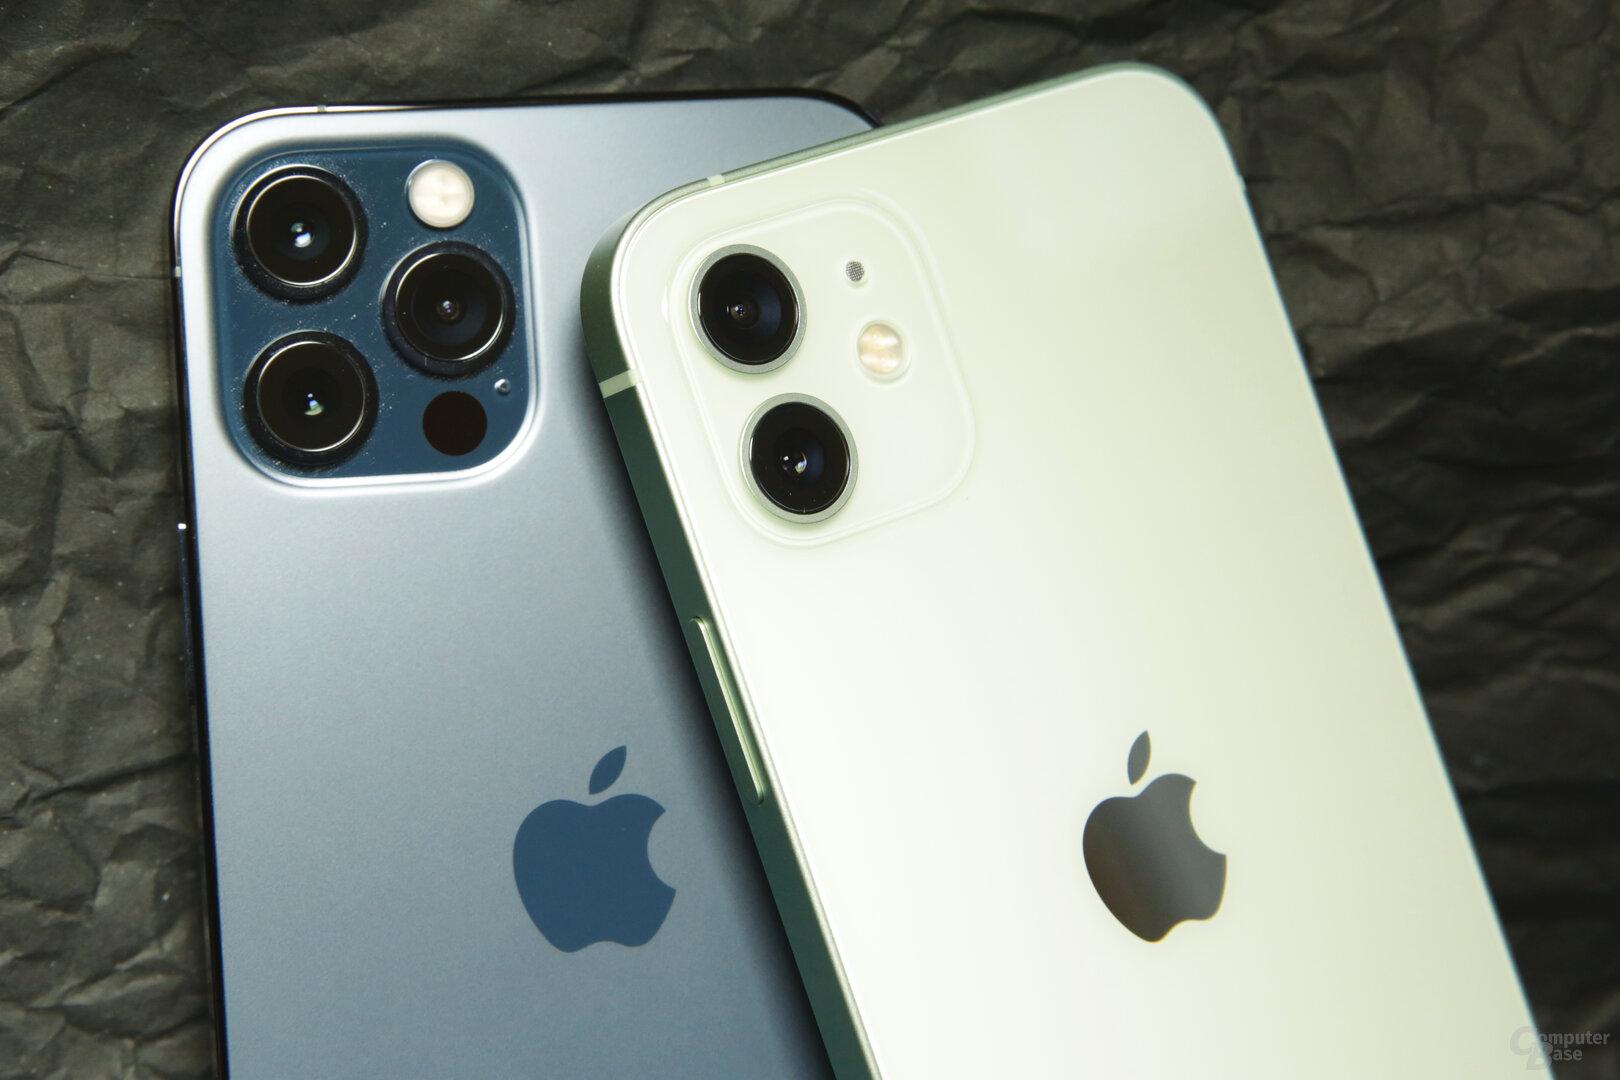 Mattes Glas beim iPhone 12 Pro, Hochlanz für das iPhone 12